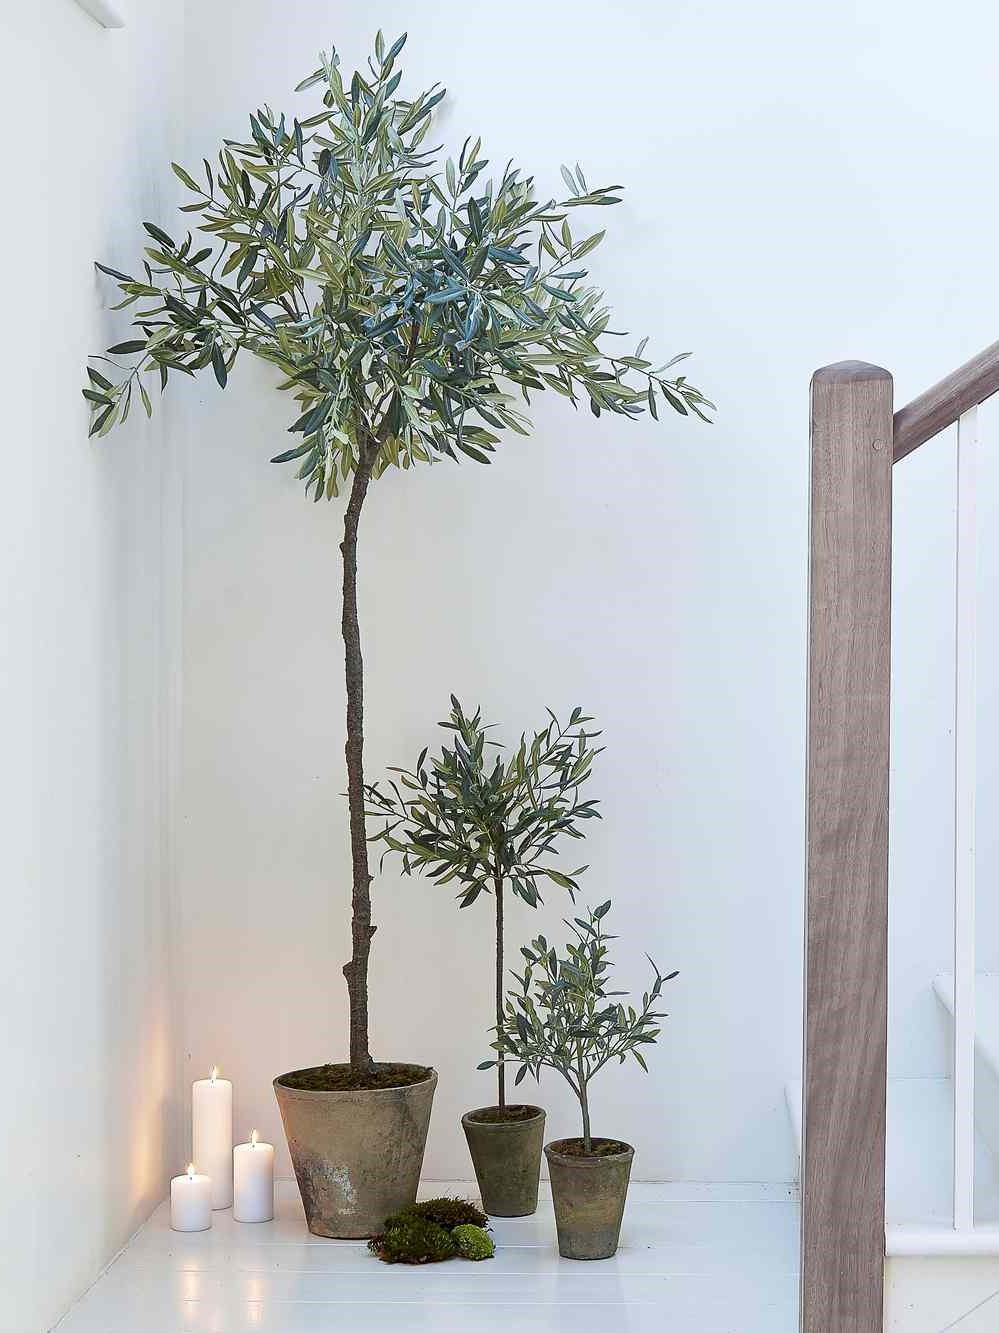 Les arbres sont très adaptables et tolèrent la sécheresse, ce qui les rend idéaux pour la vie en pot.